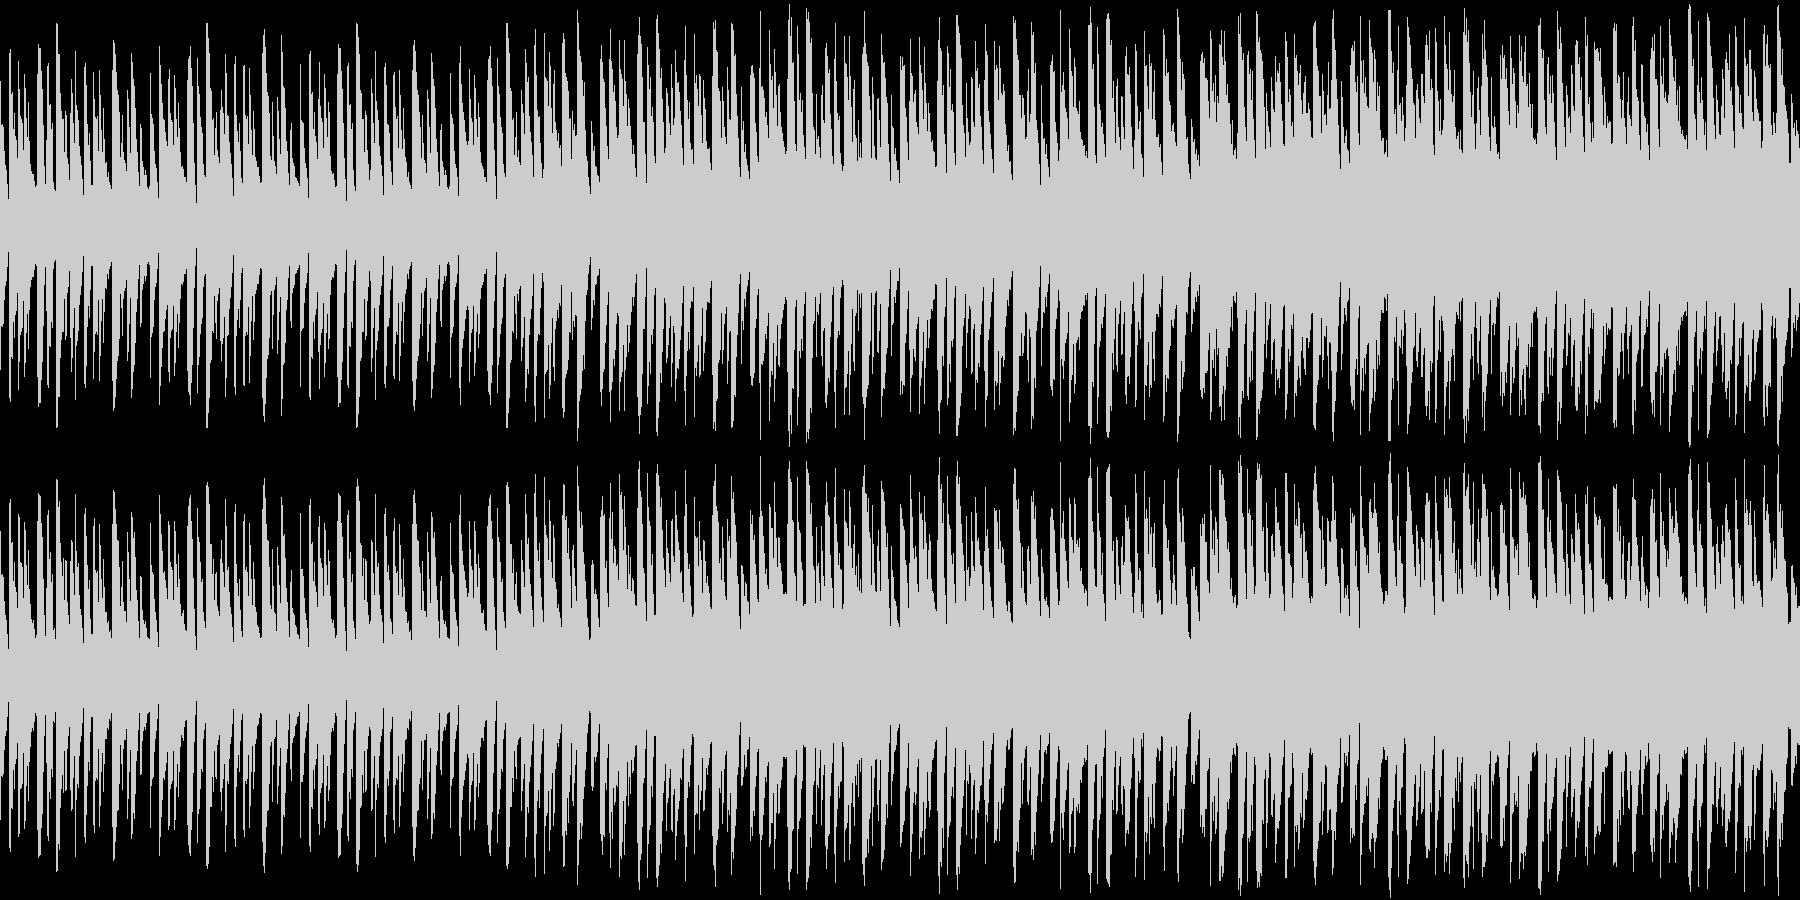 勇ましい感じな曲(ループ仕様)の未再生の波形